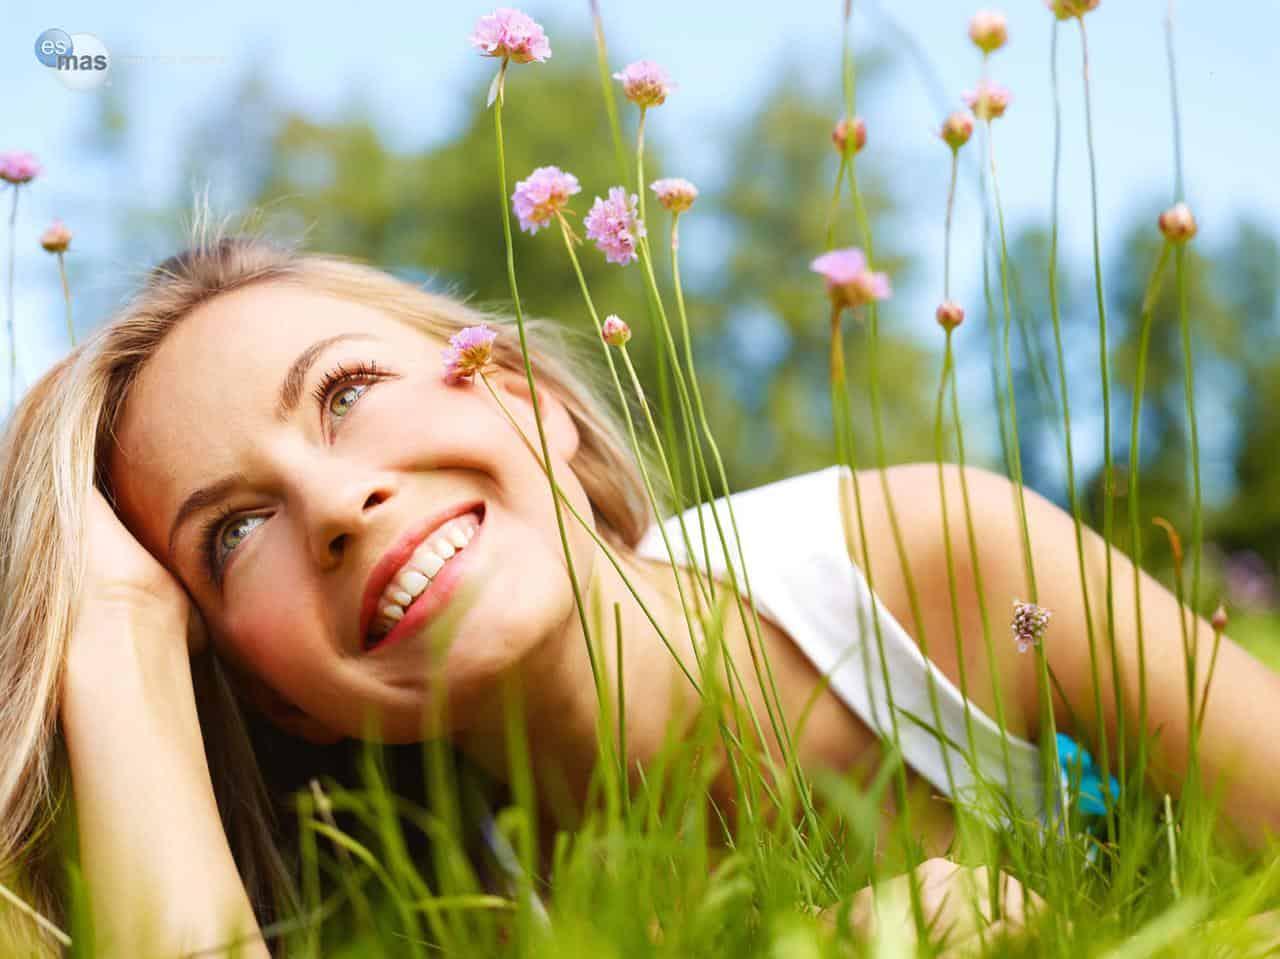 проблемы с шеей влияют на красоту лица